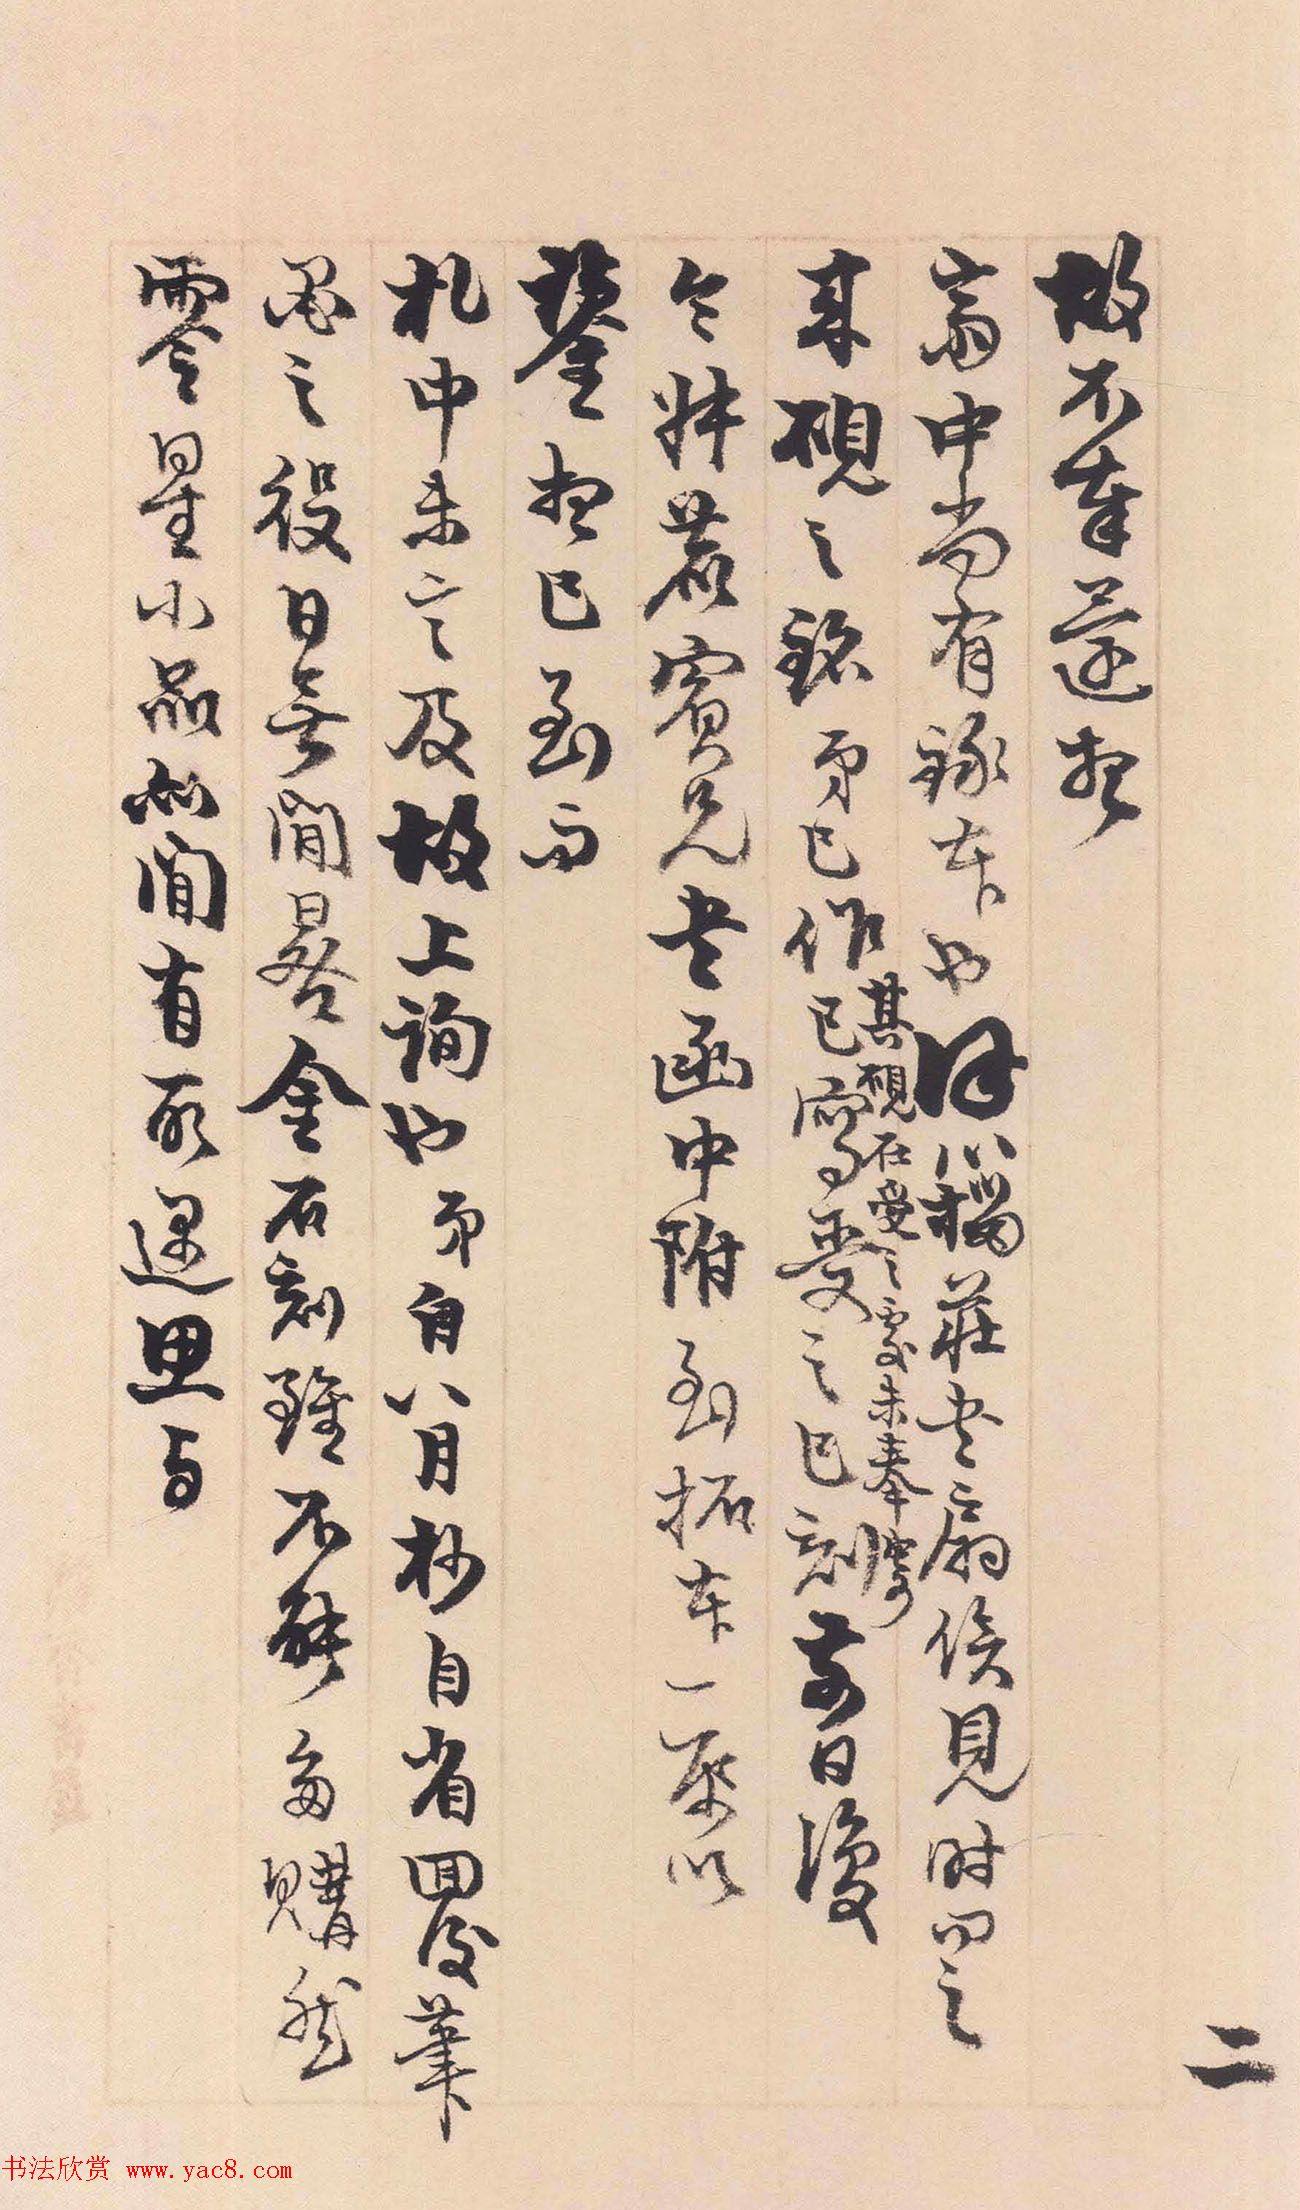 清代张廷济行书《杂书册》